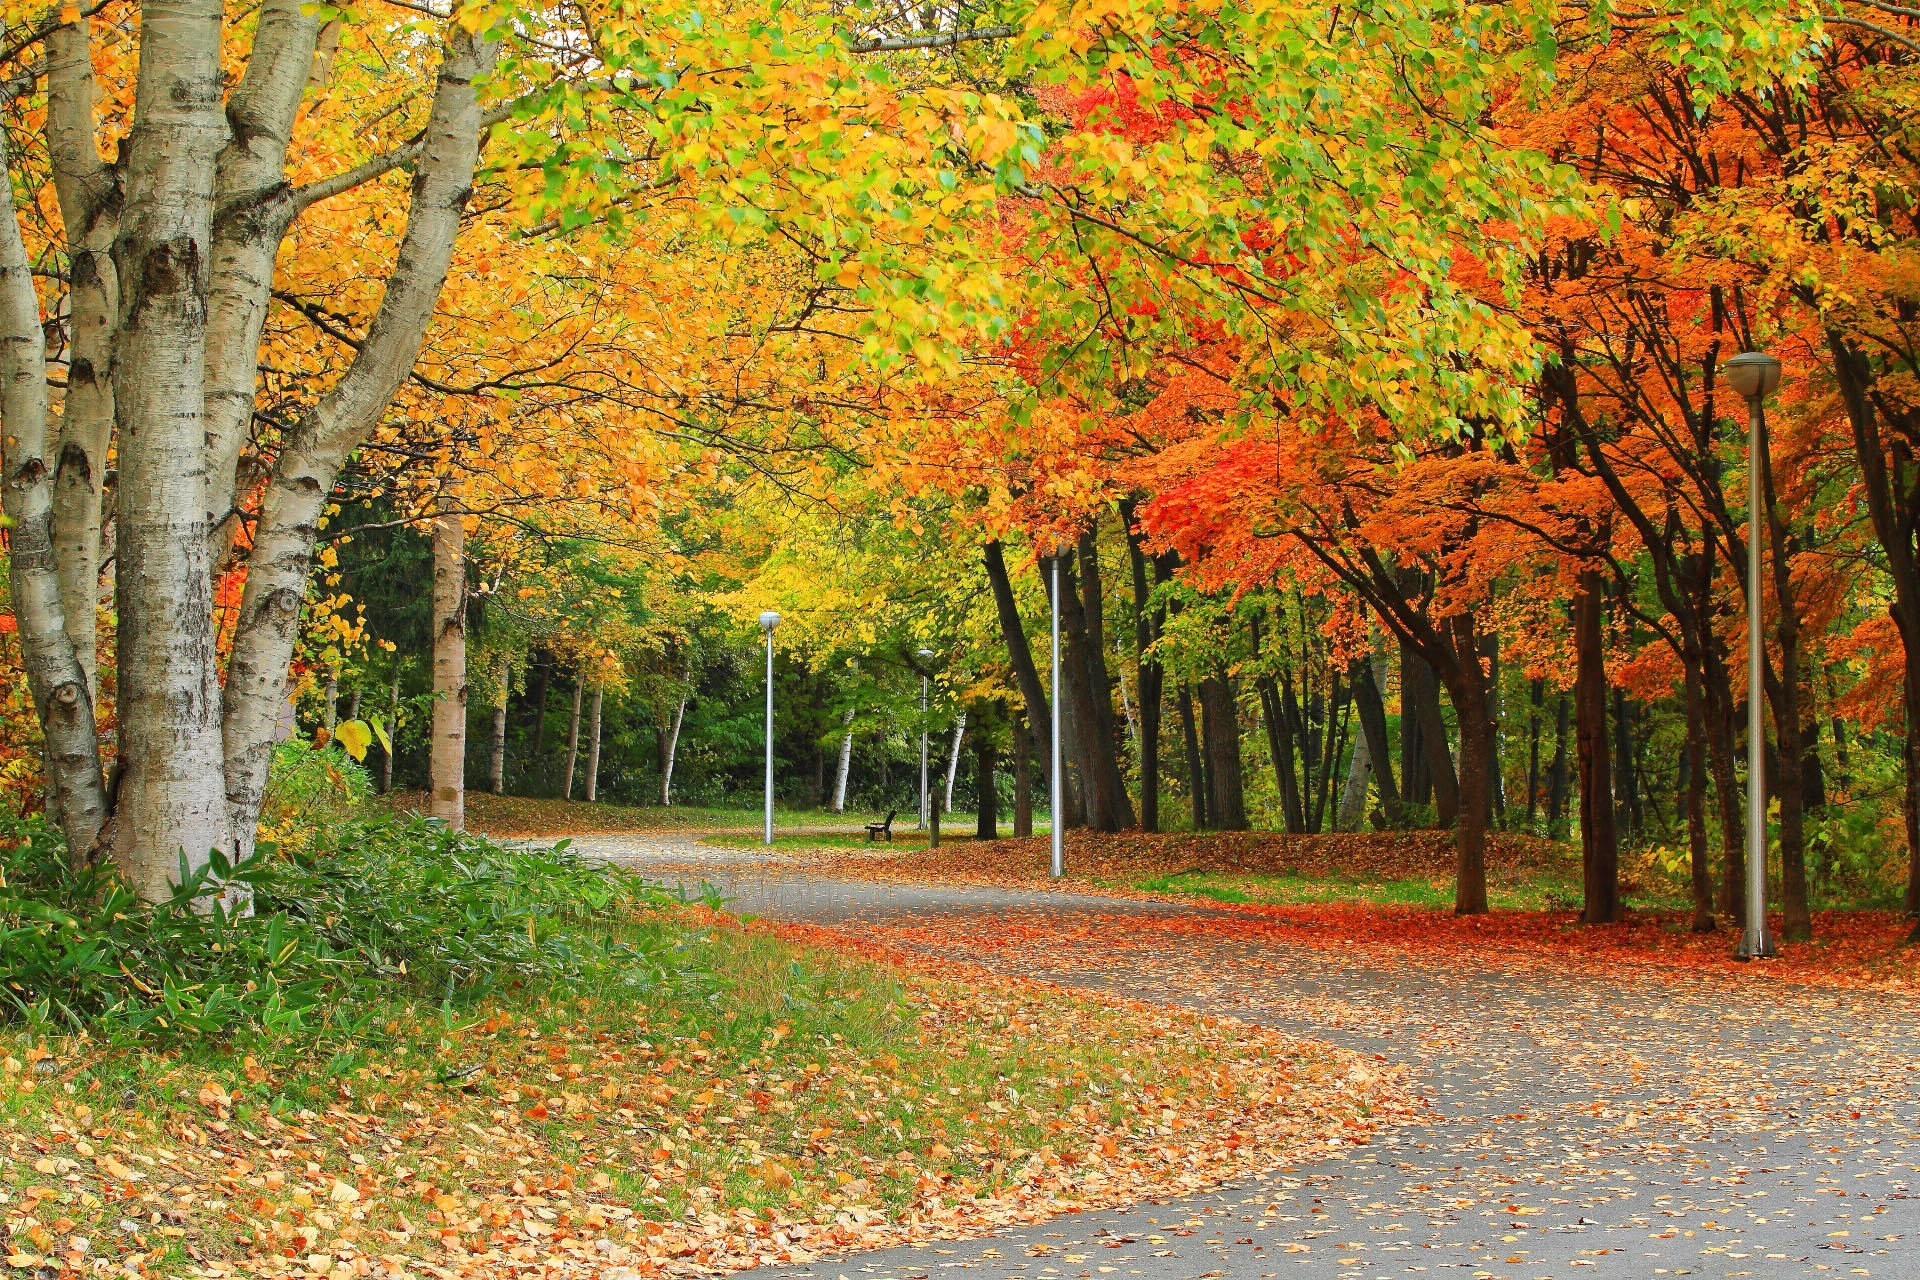 Картинки золотая осень фото, приколы примирение картинки